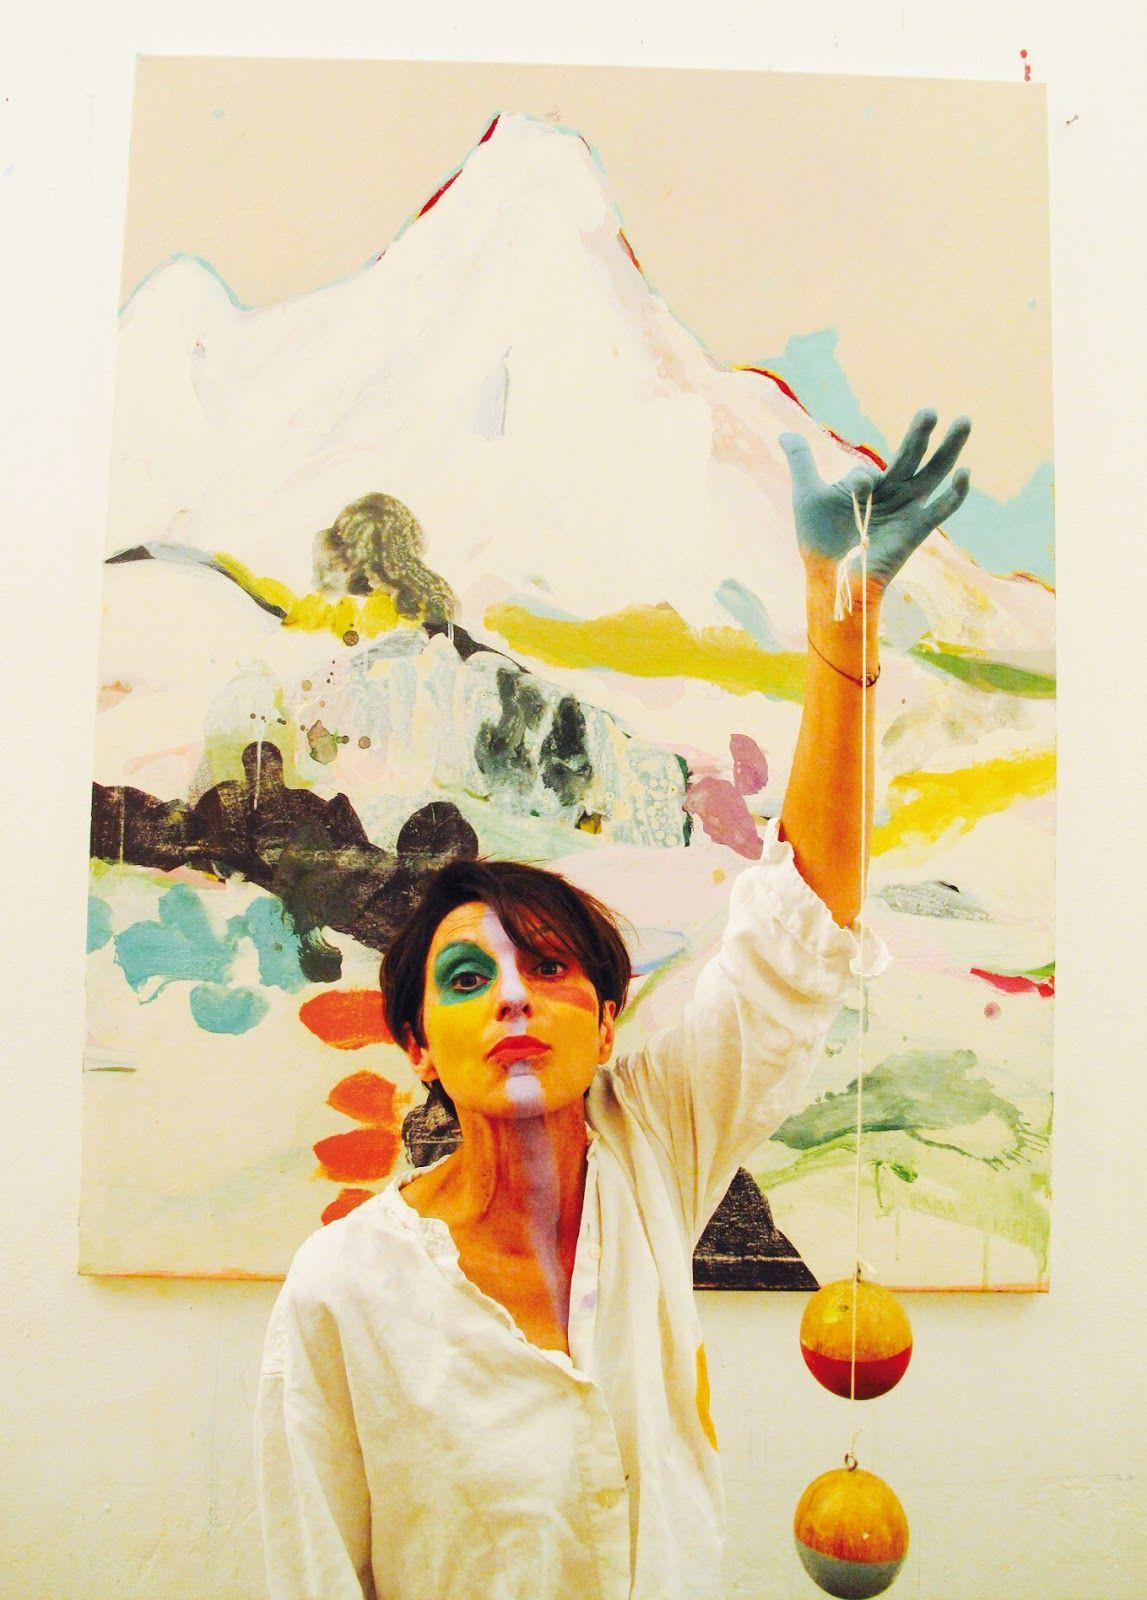 Anne Sophie Tschiegg Art Bodensee Dornbirn 2015 In 2019